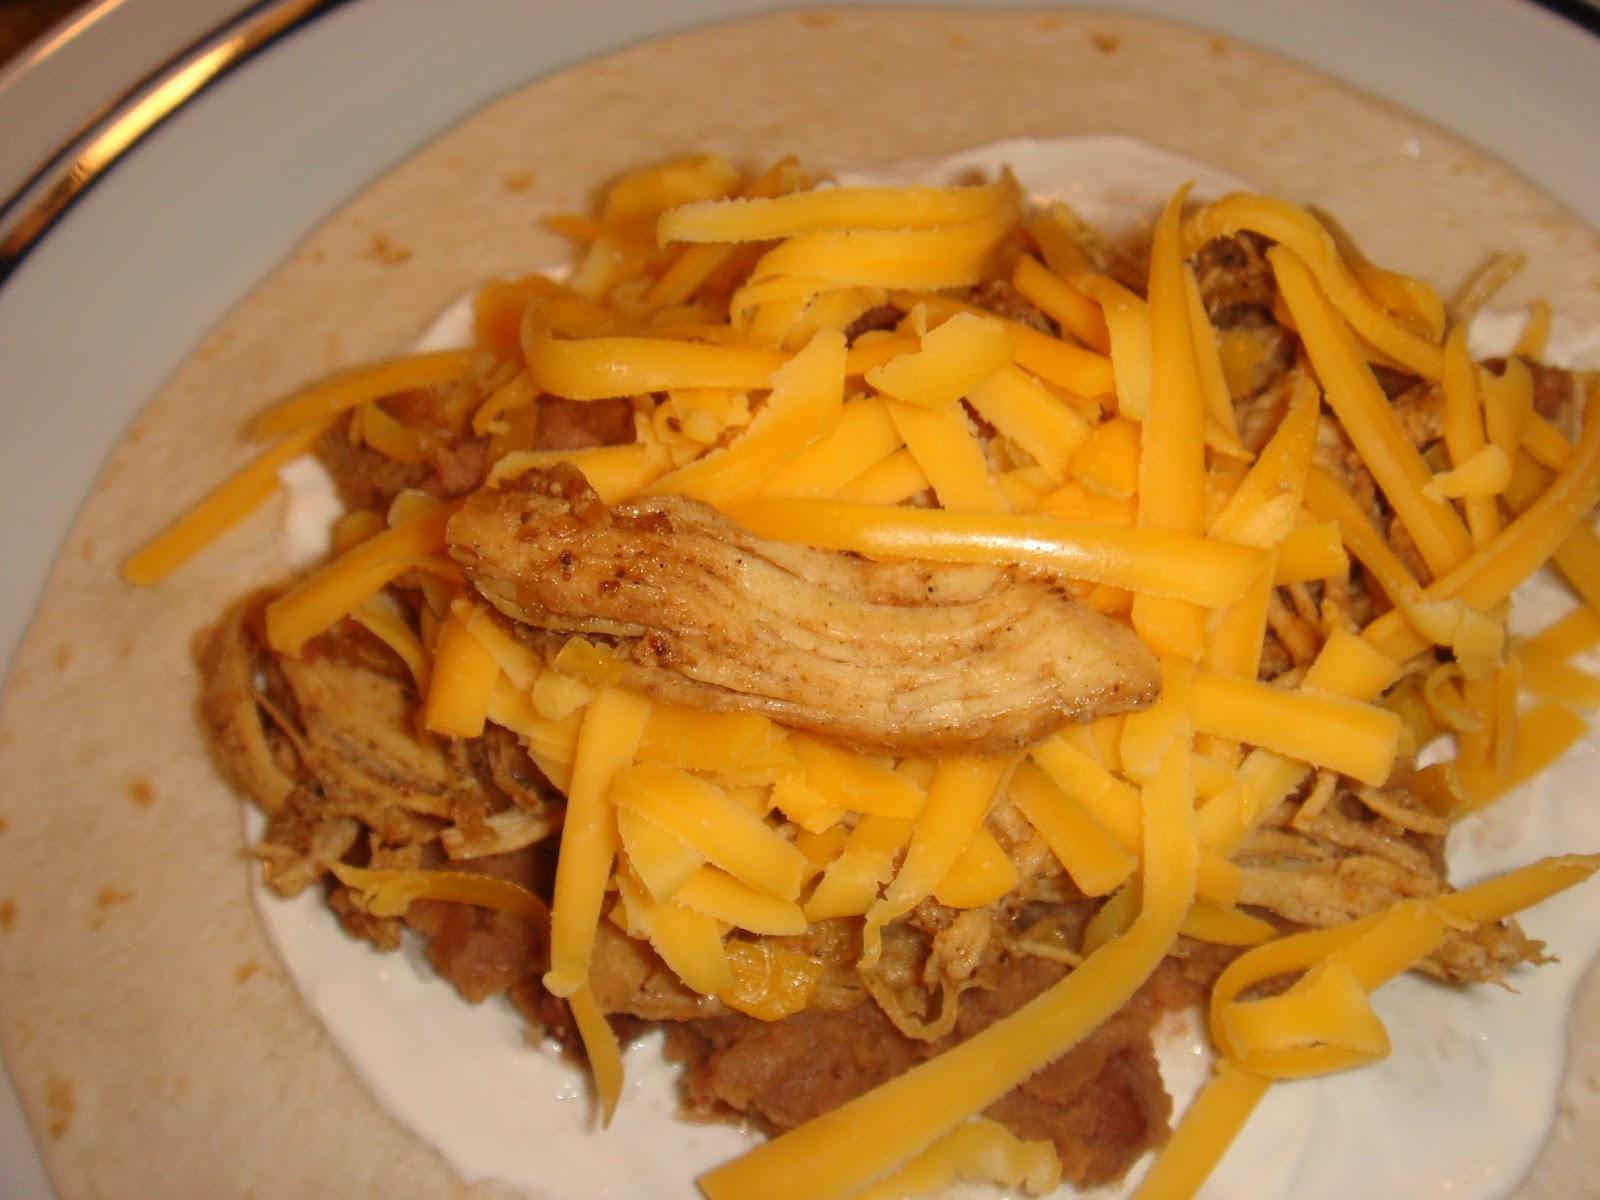 Shredded Tex-Mex Crock-Pot Chicken